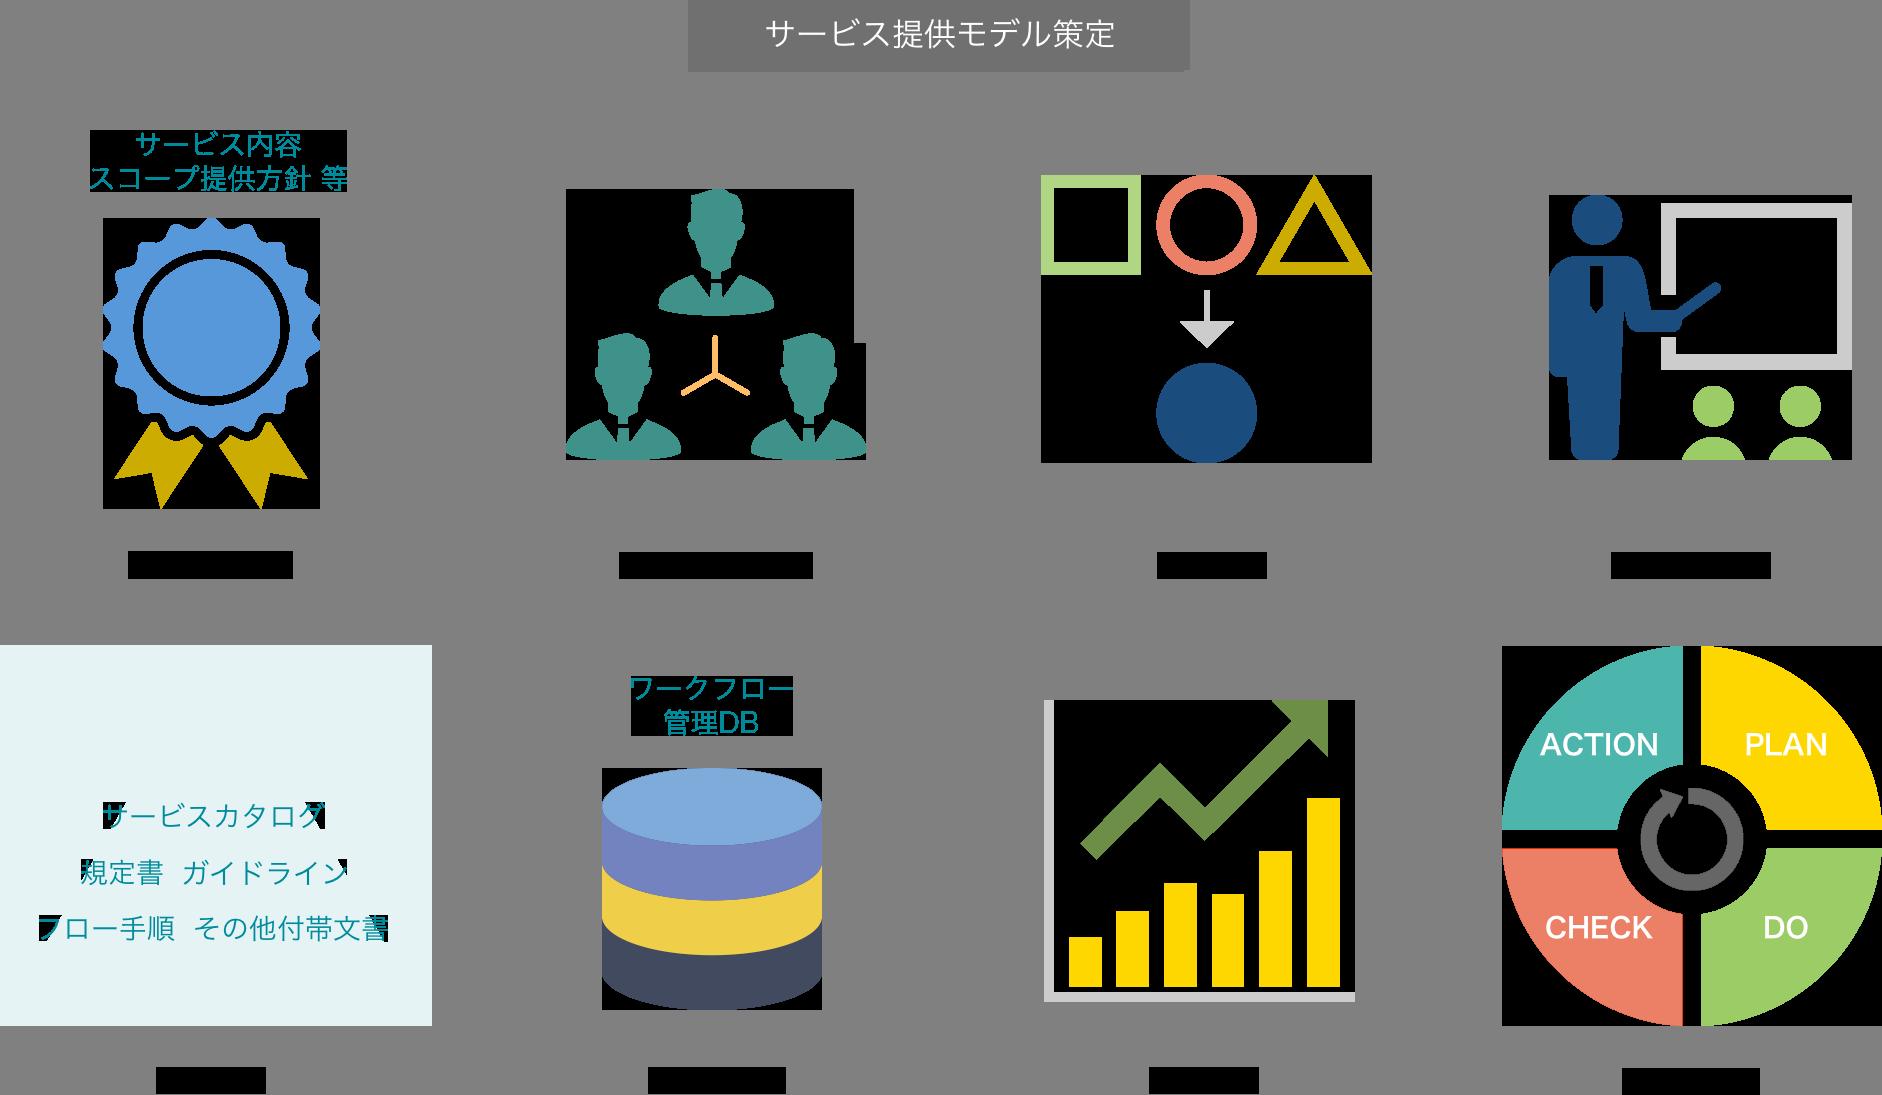 サービス提供標準モデル策定